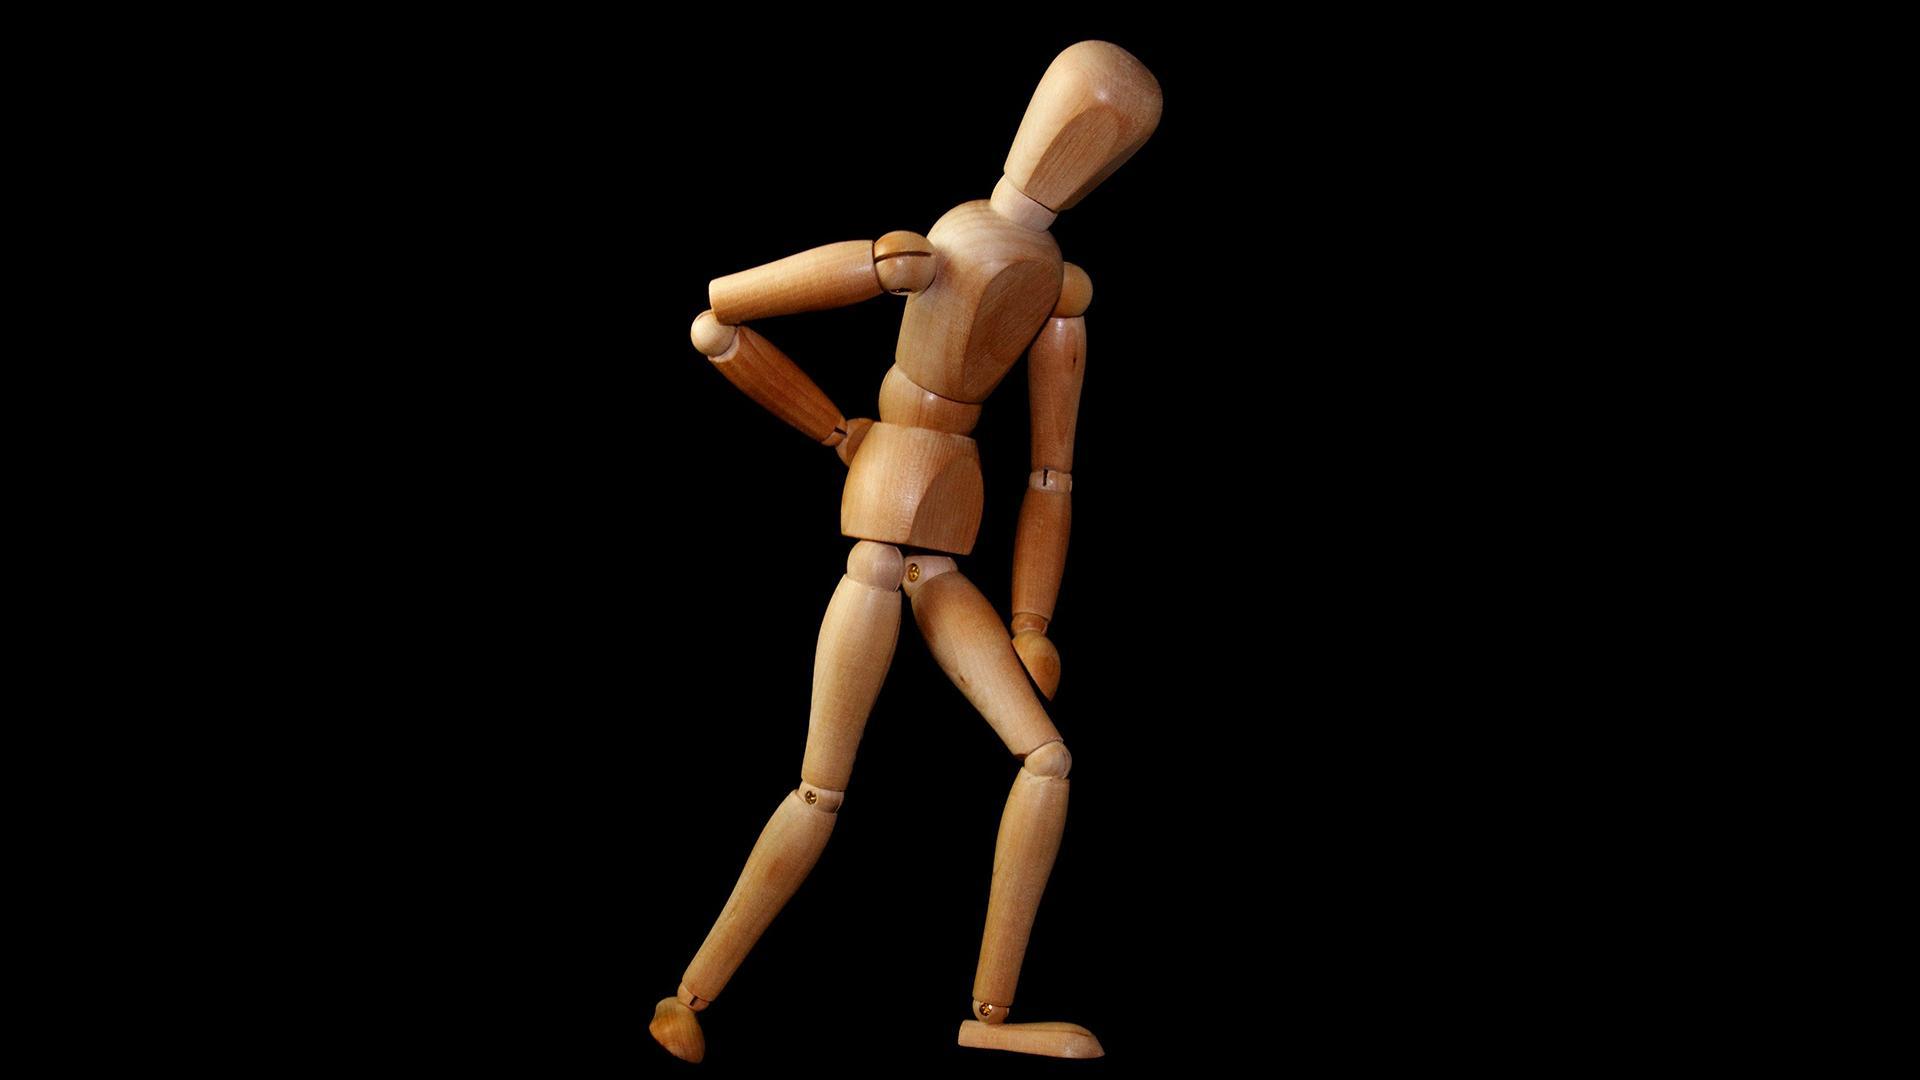 ISG-Arthrose: Ursachen, typische Symptome und Behandlung